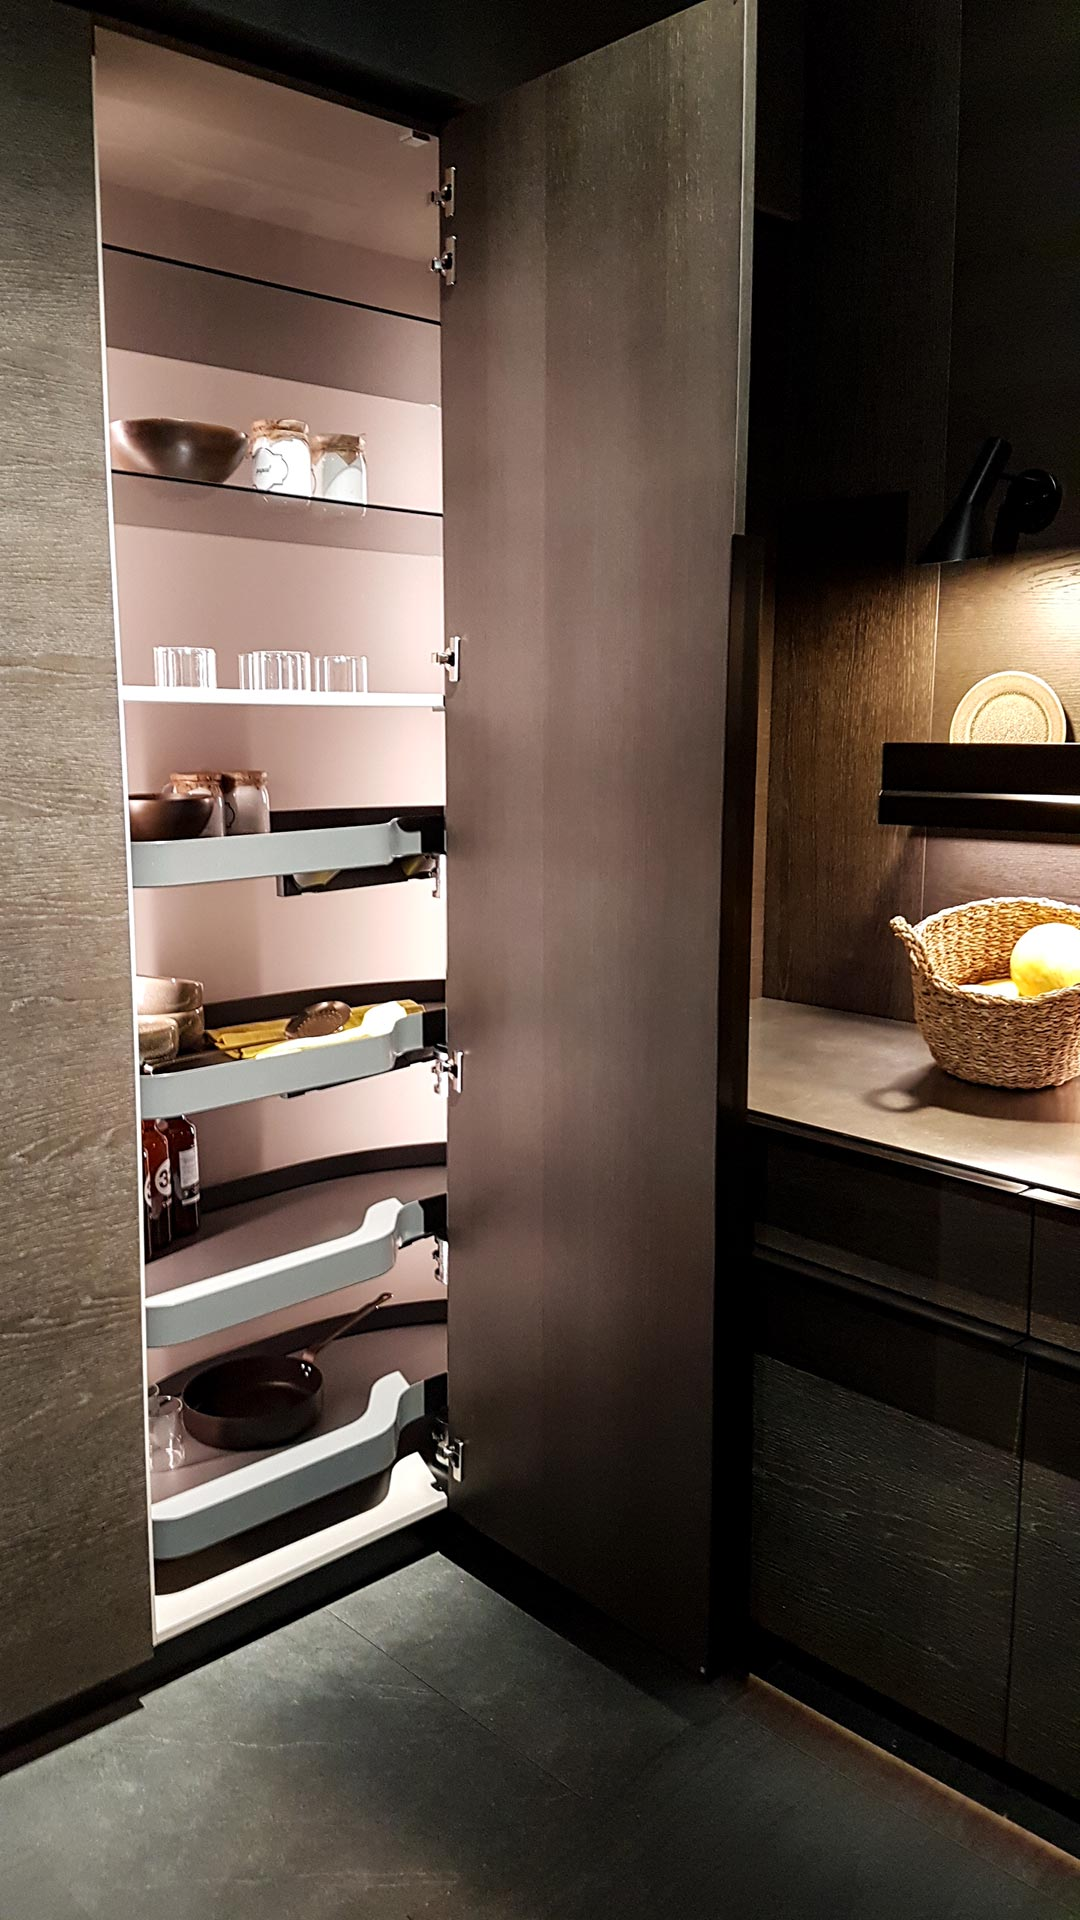 Eck-Küchenschrank auf voller Höhe mit drehbaren Regalböden in dunklem Holz. Ein neuer Standard für 2018.